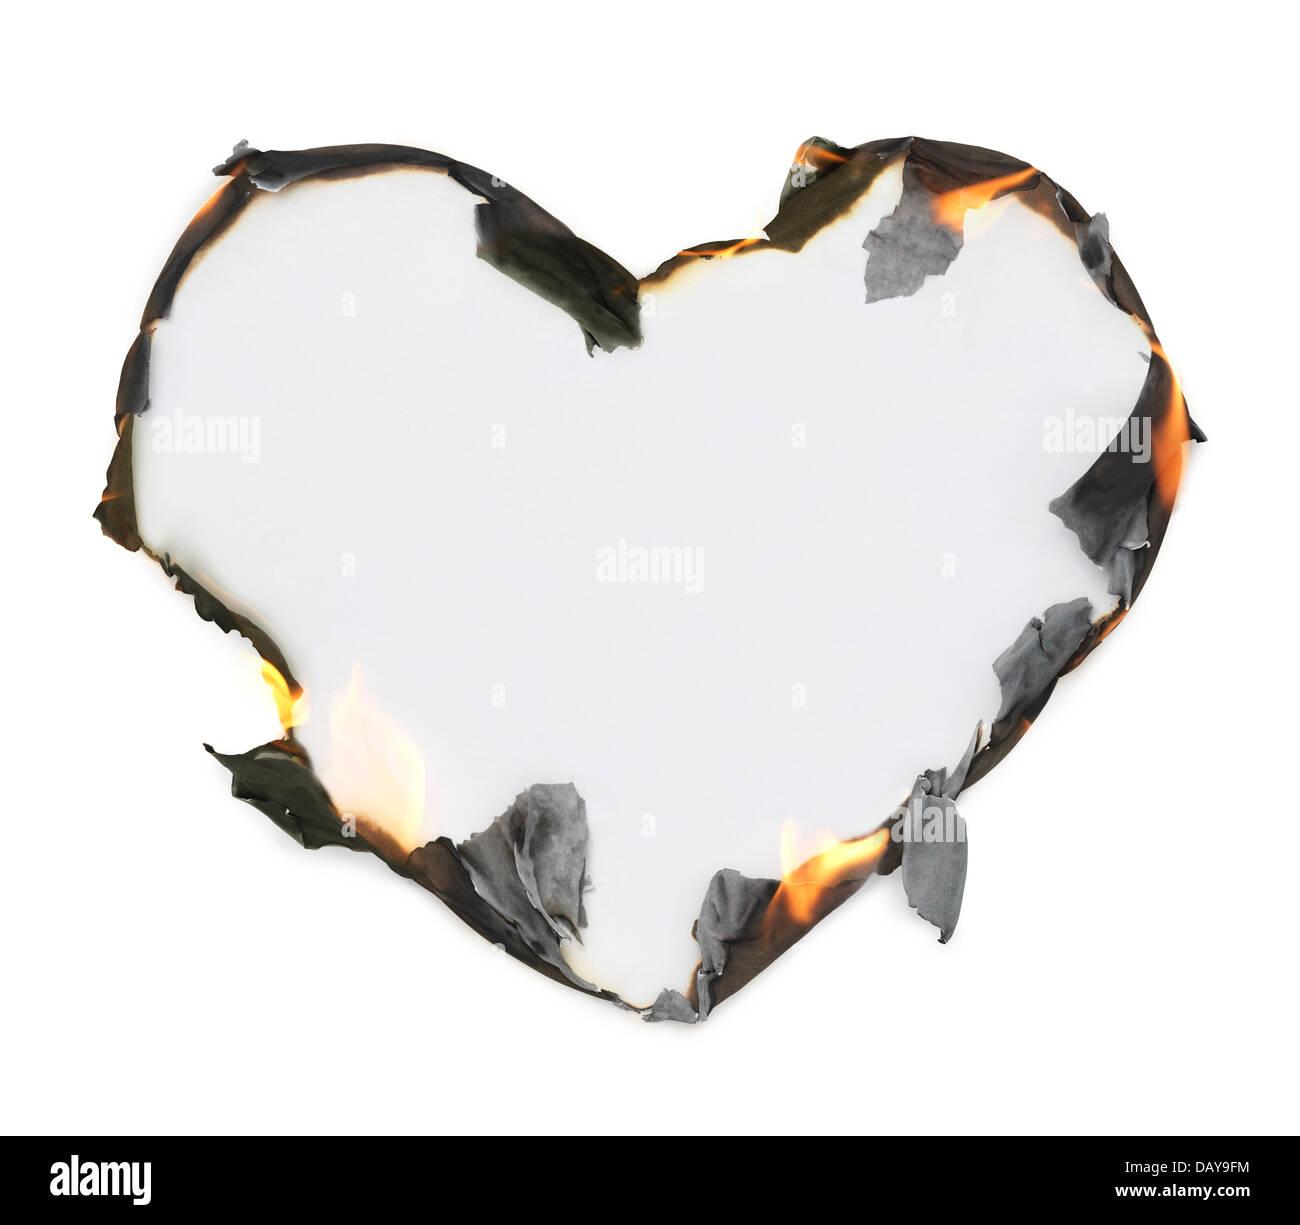 Leere herzförmige Papier mit brennenden Kanten, künstlerische konzeptuellen Rahmen isoliert auf weißem Hintergrund Stockfoto